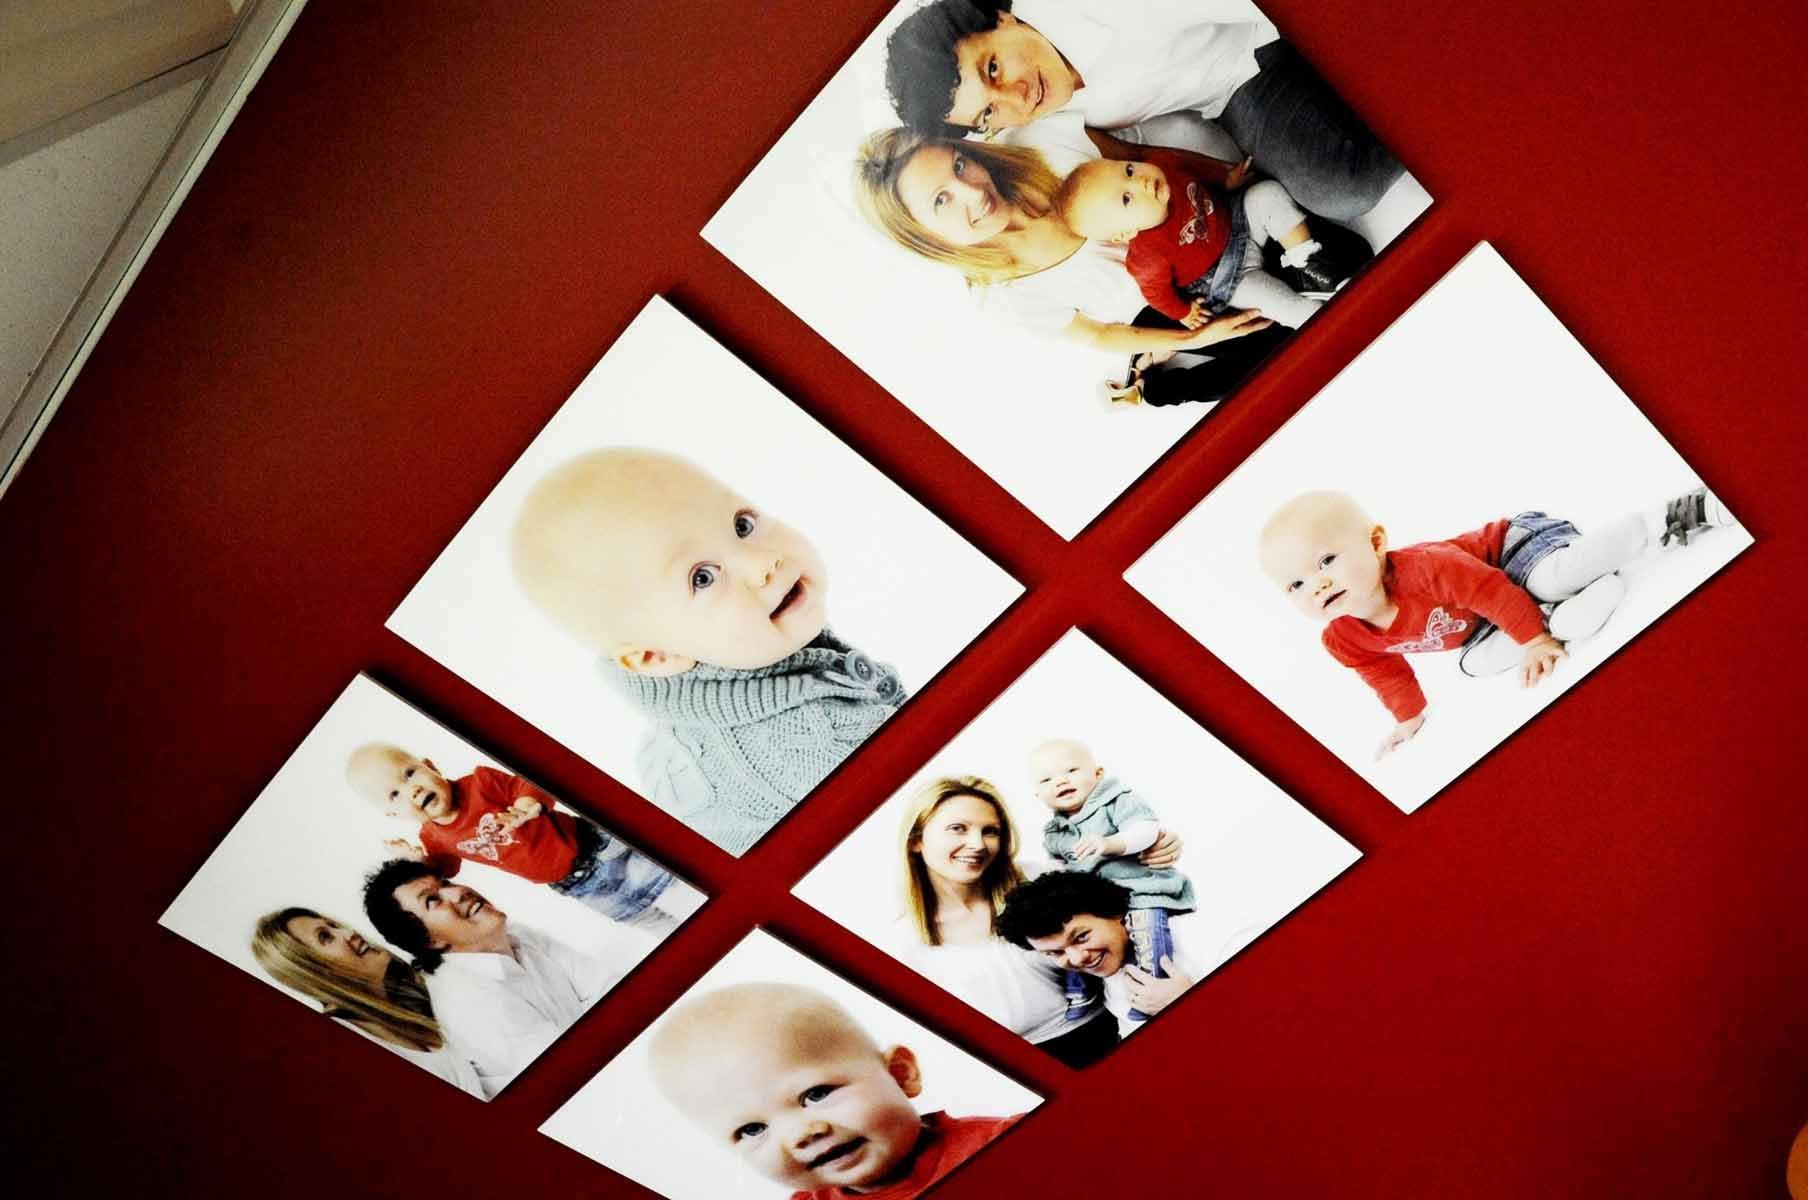 Personalised family album